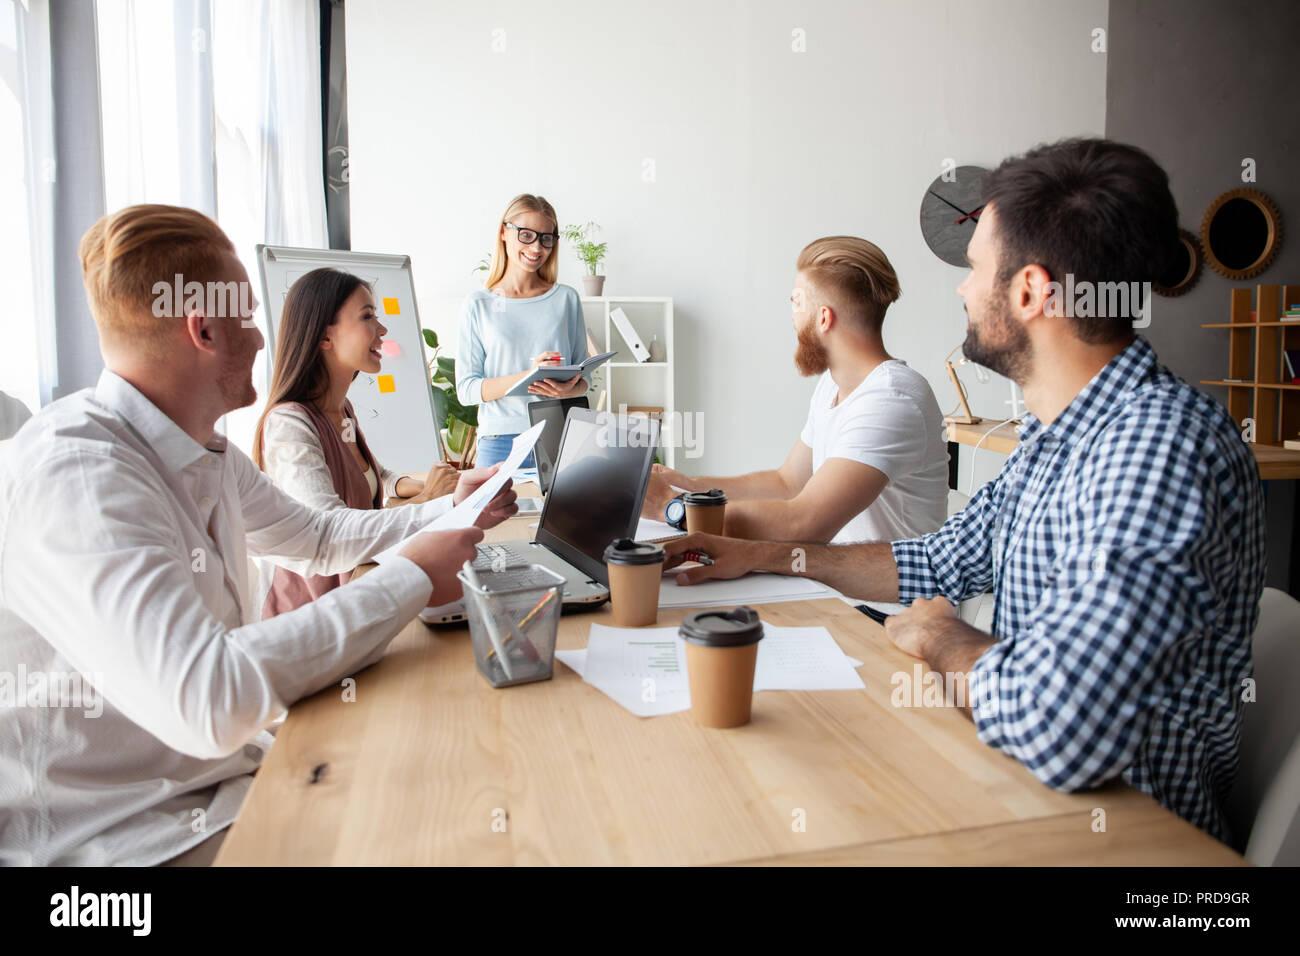 Junges Team von Mitarbeitern bilden große Geschäft Diskussion in der modernen coworking Büro. Teamarbeit Personen Konzept Stockbild